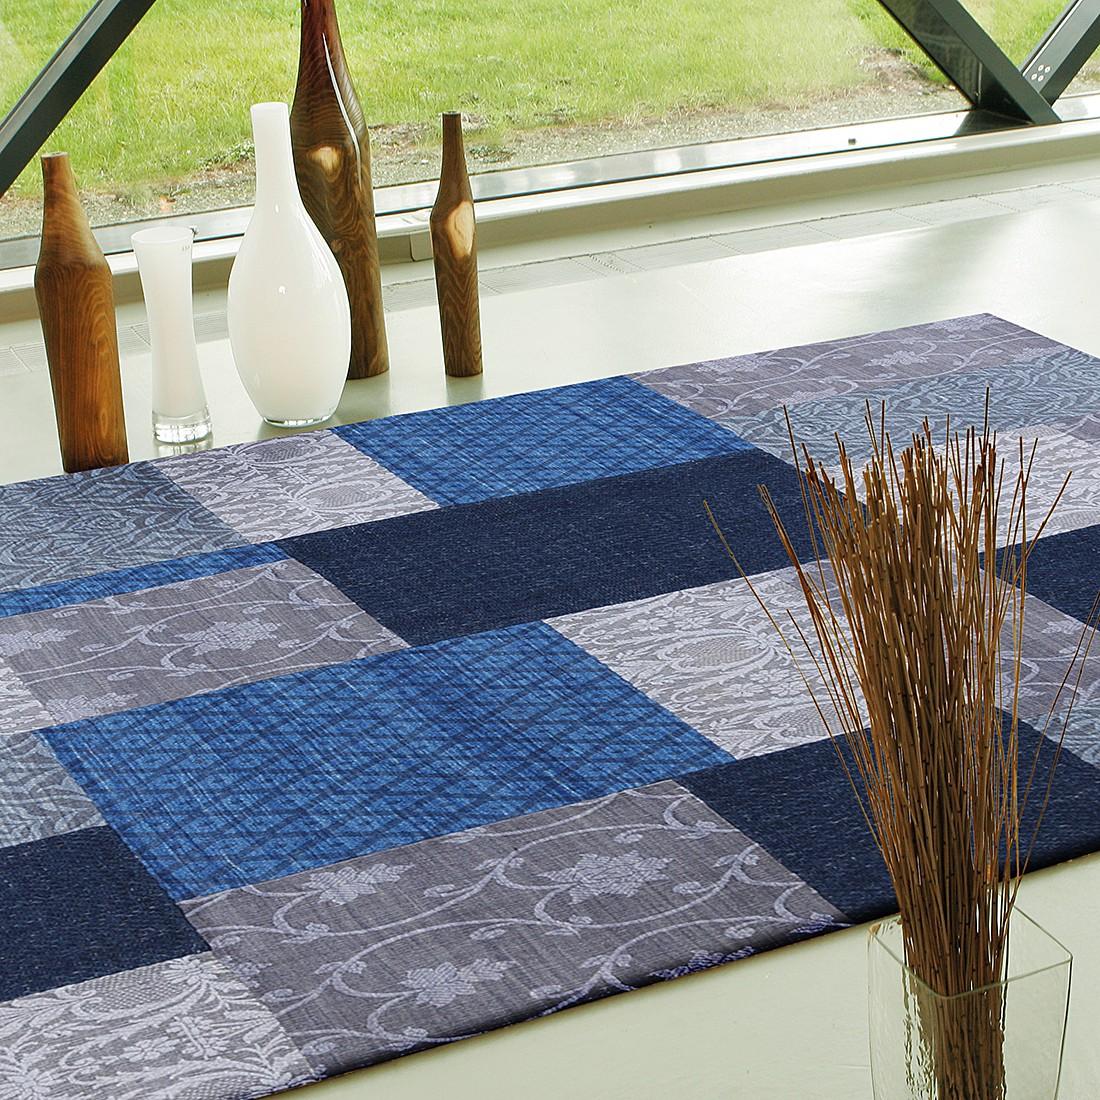 Teppich Easy Sunset – Wolle/Blau – 170×240 cm, Brigitte Home jetzt kaufen